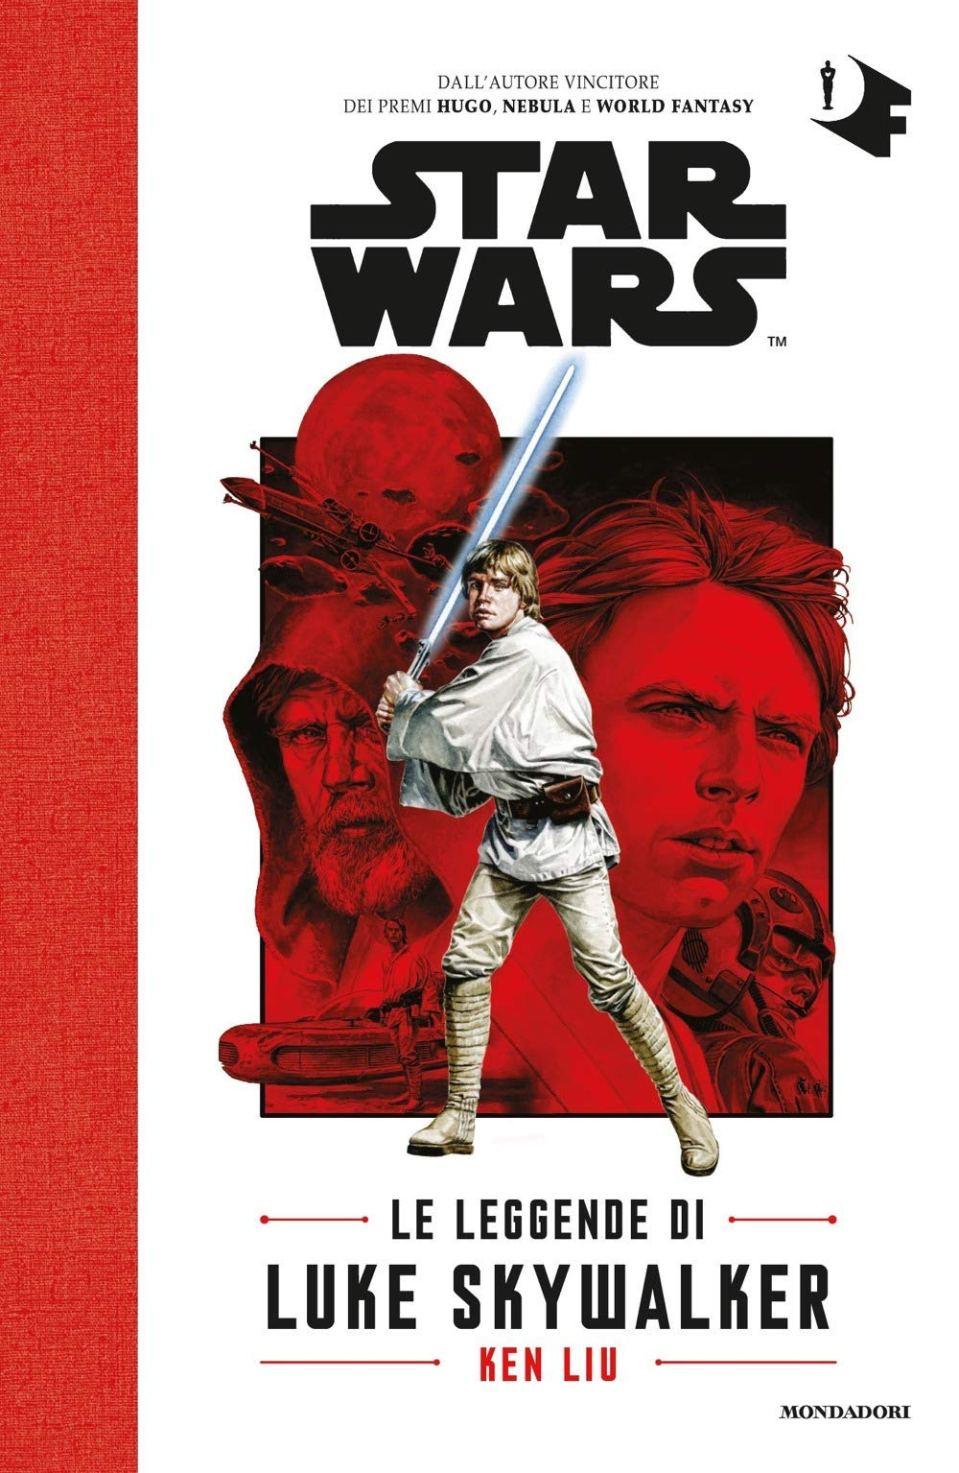 STAR WARS: Le leggende di Luke SkyWalker Book Cover